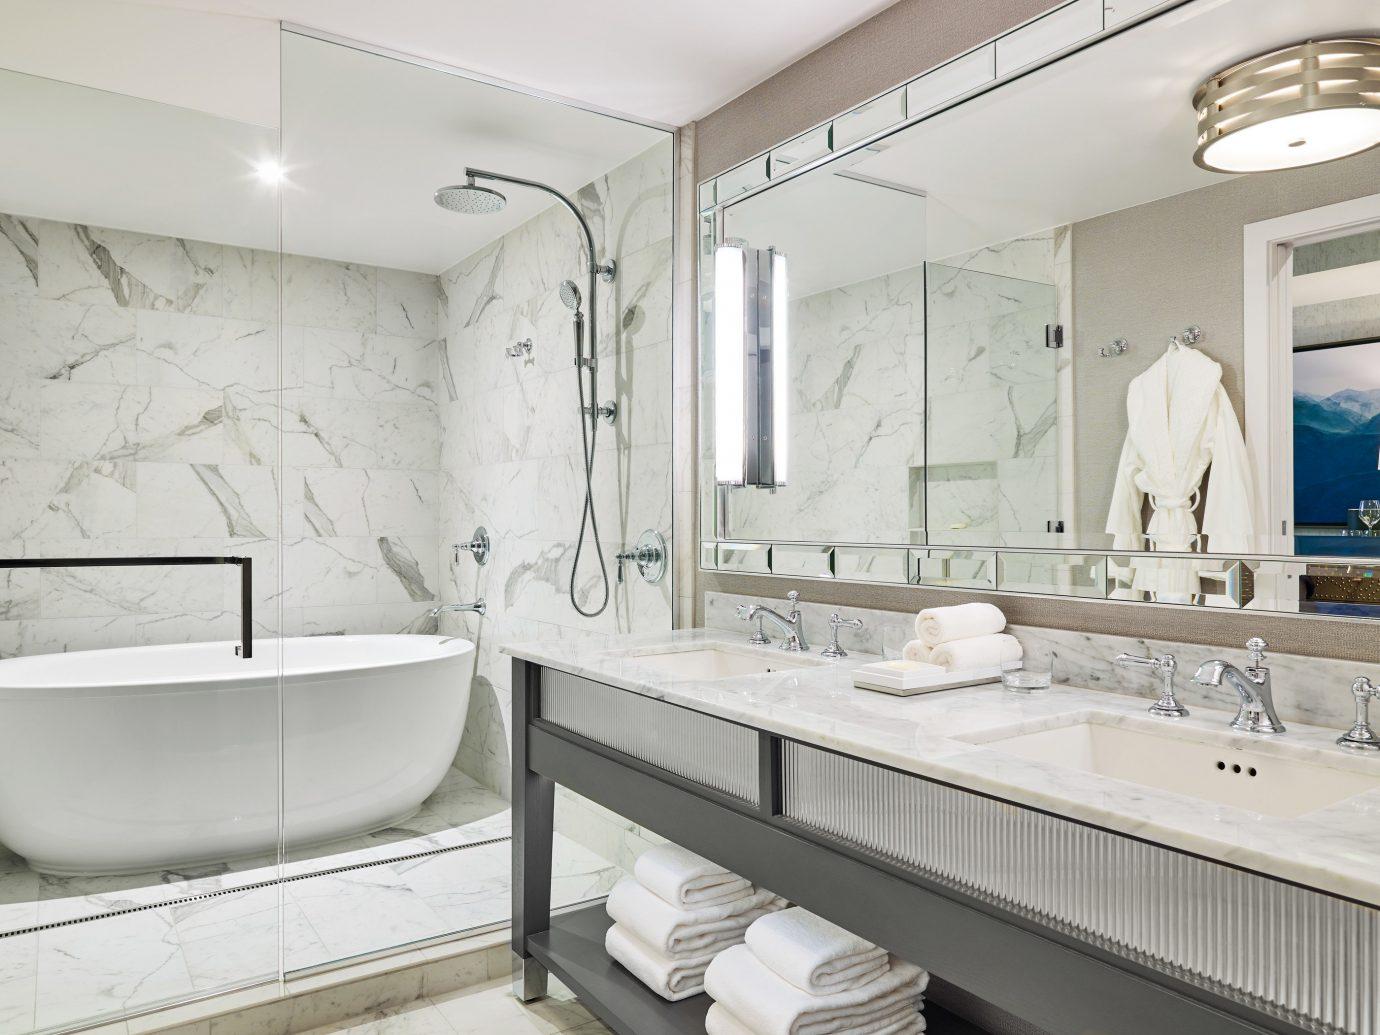 Boutique Hotels Hotels Outdoors + Adventure Winter bathroom indoor wall mirror sink room interior design tap product design floor plumbing fixture interior designer tub Bath bathtub